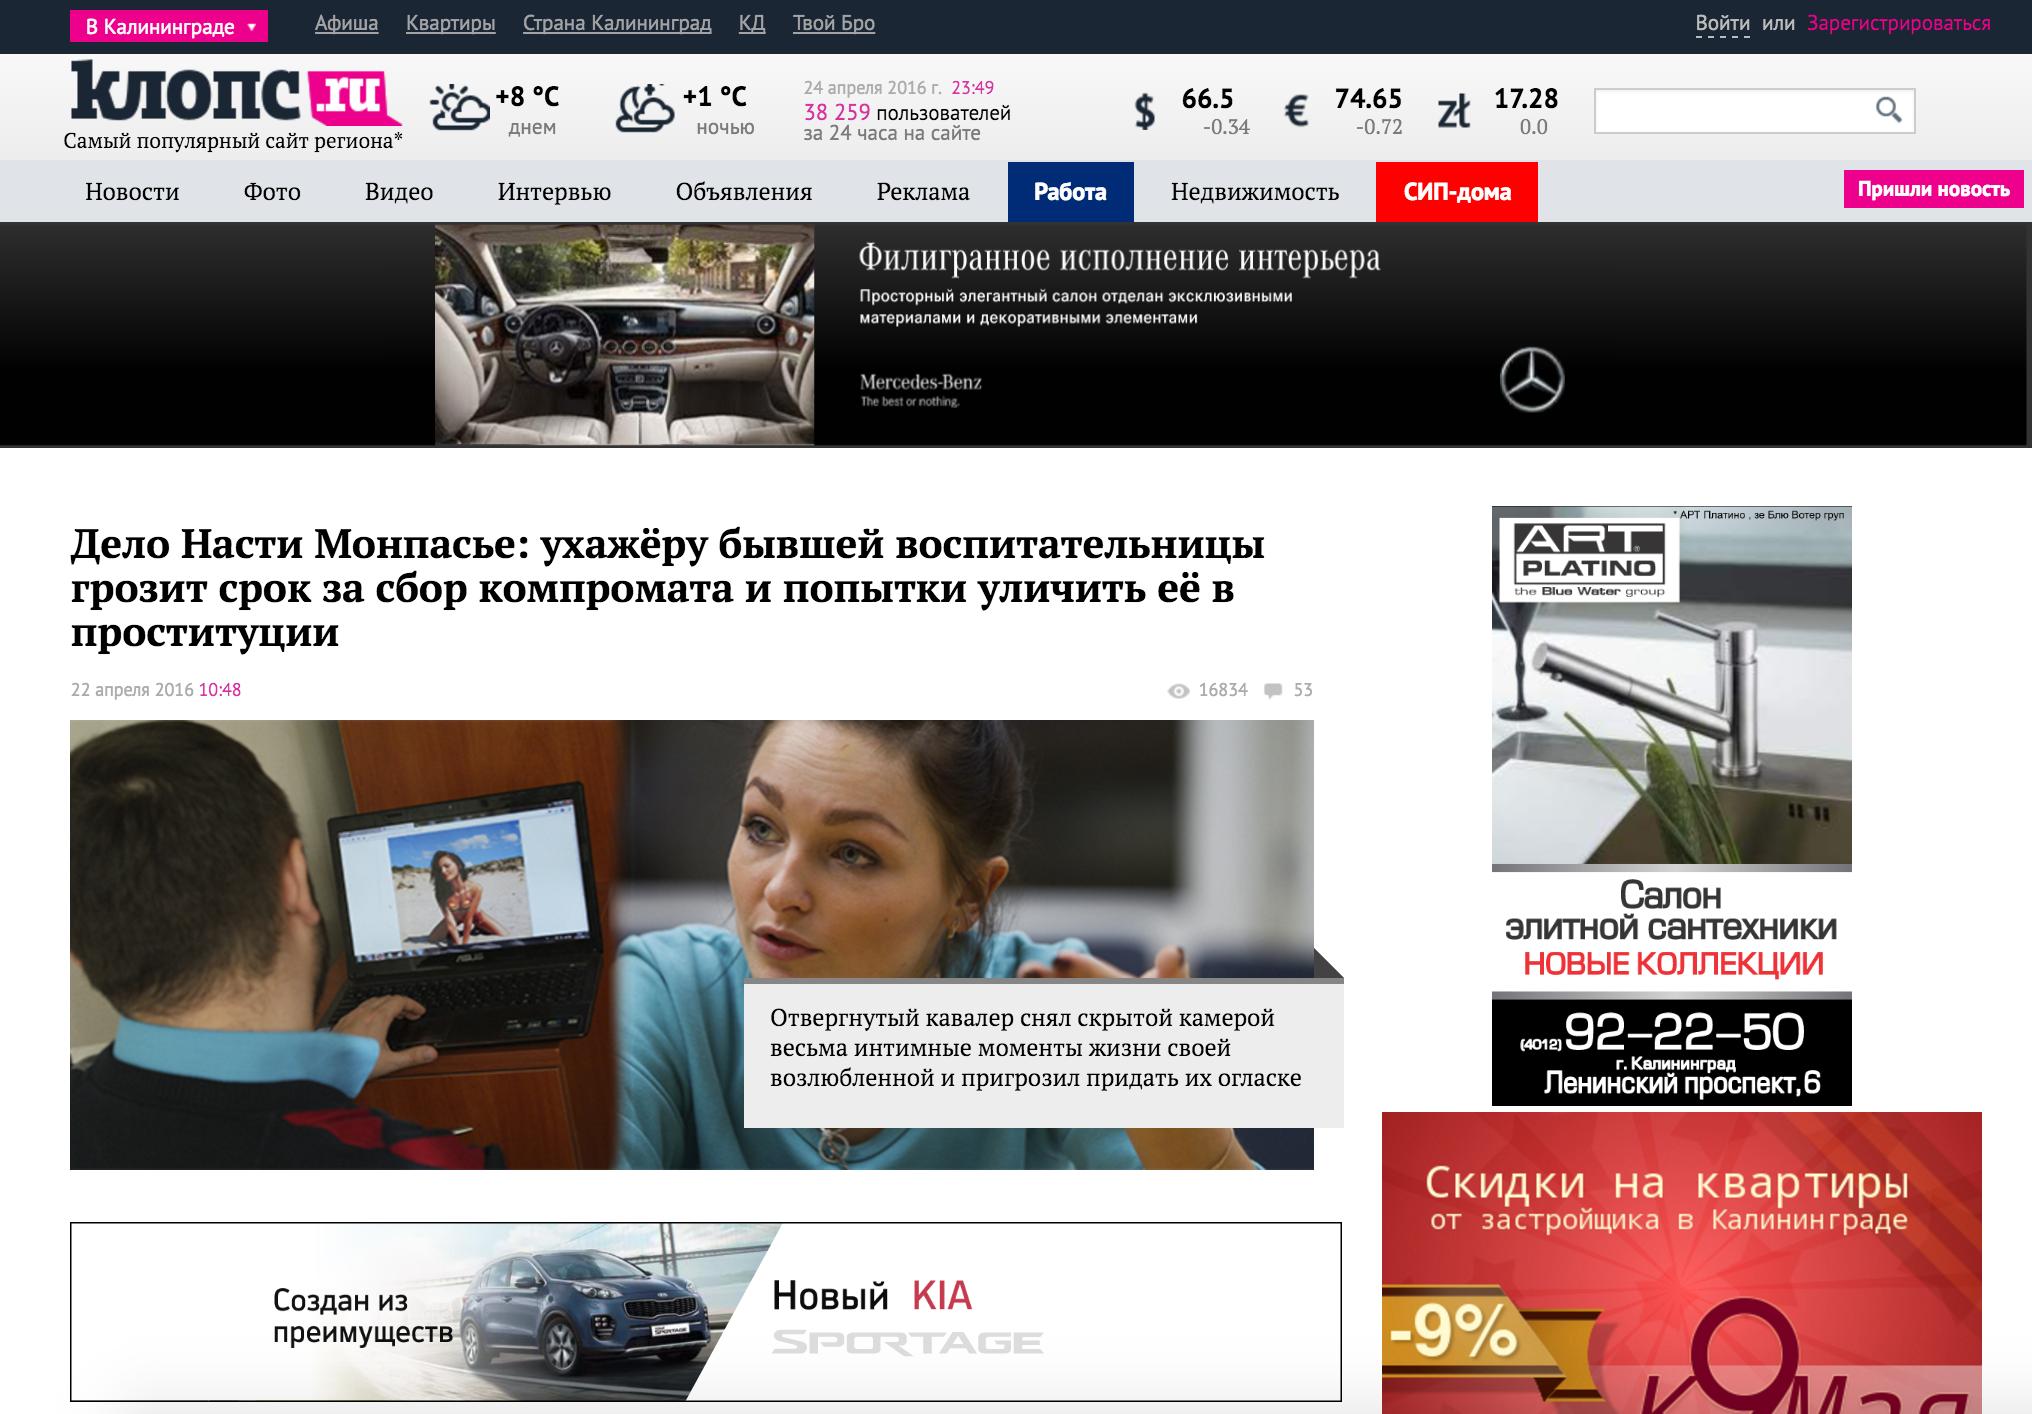 Крупнейший портал Калининграда klops.ru